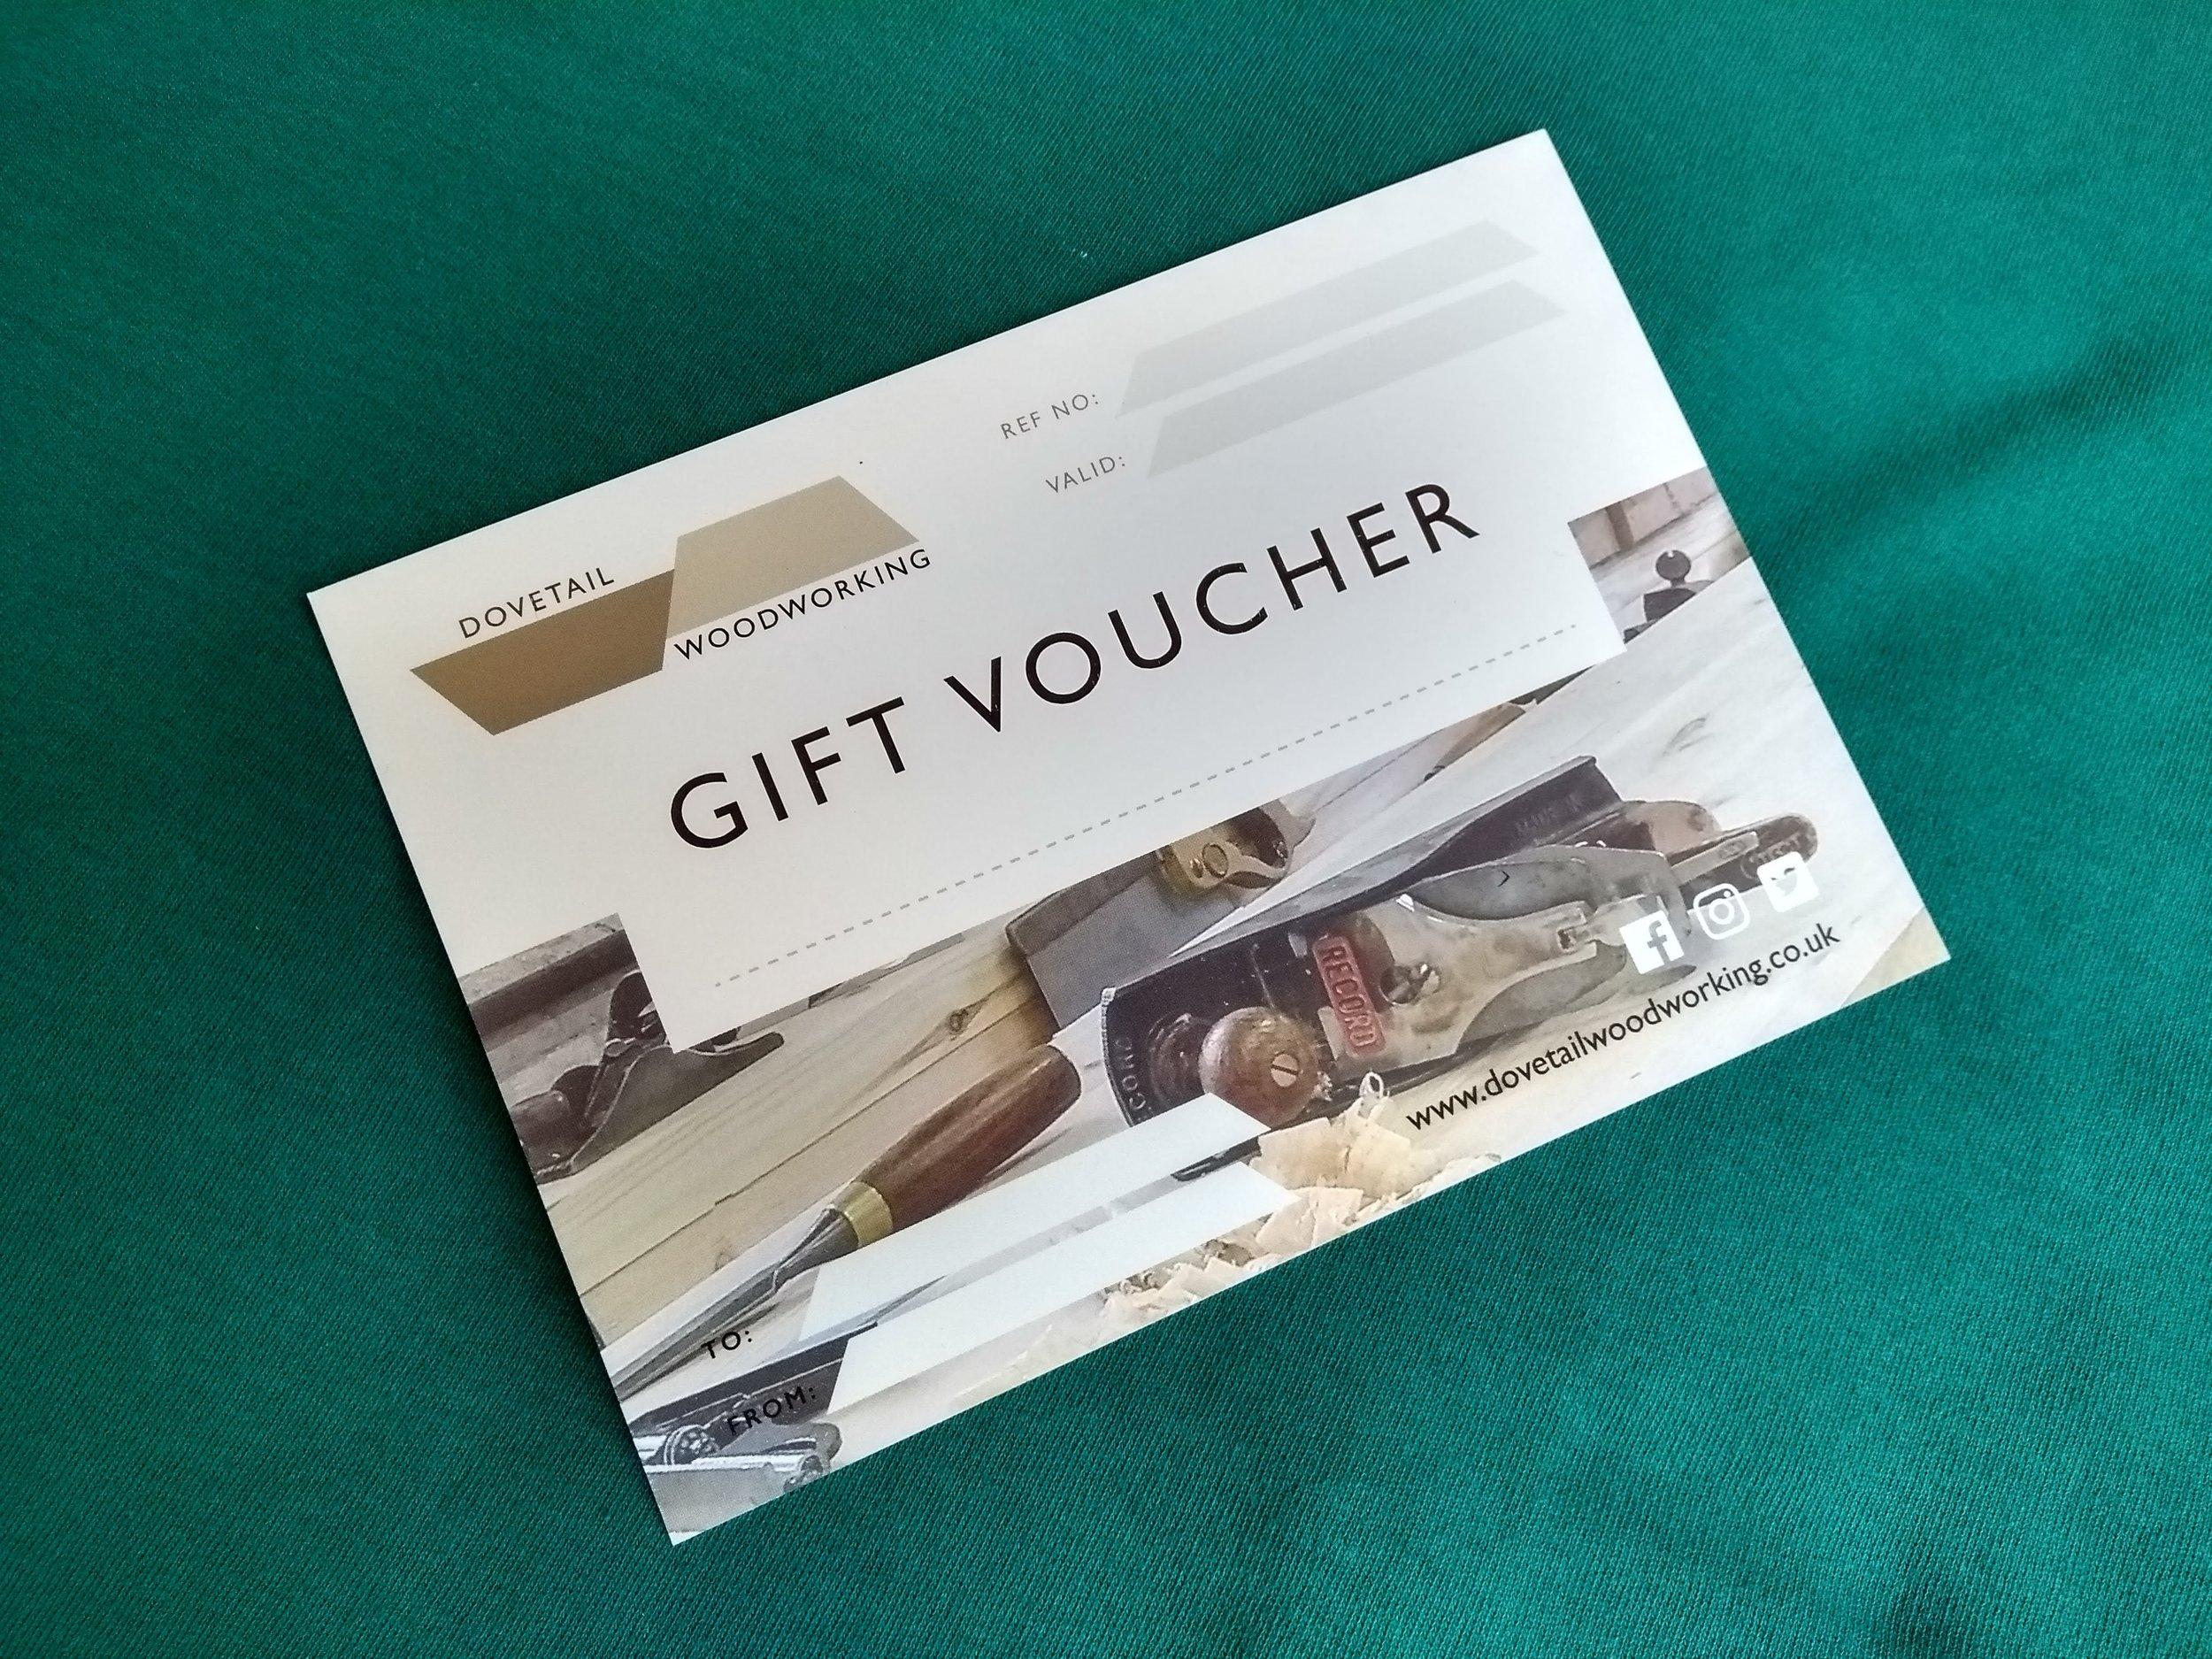 Beginner/Basics 2 Day Gift Voucher